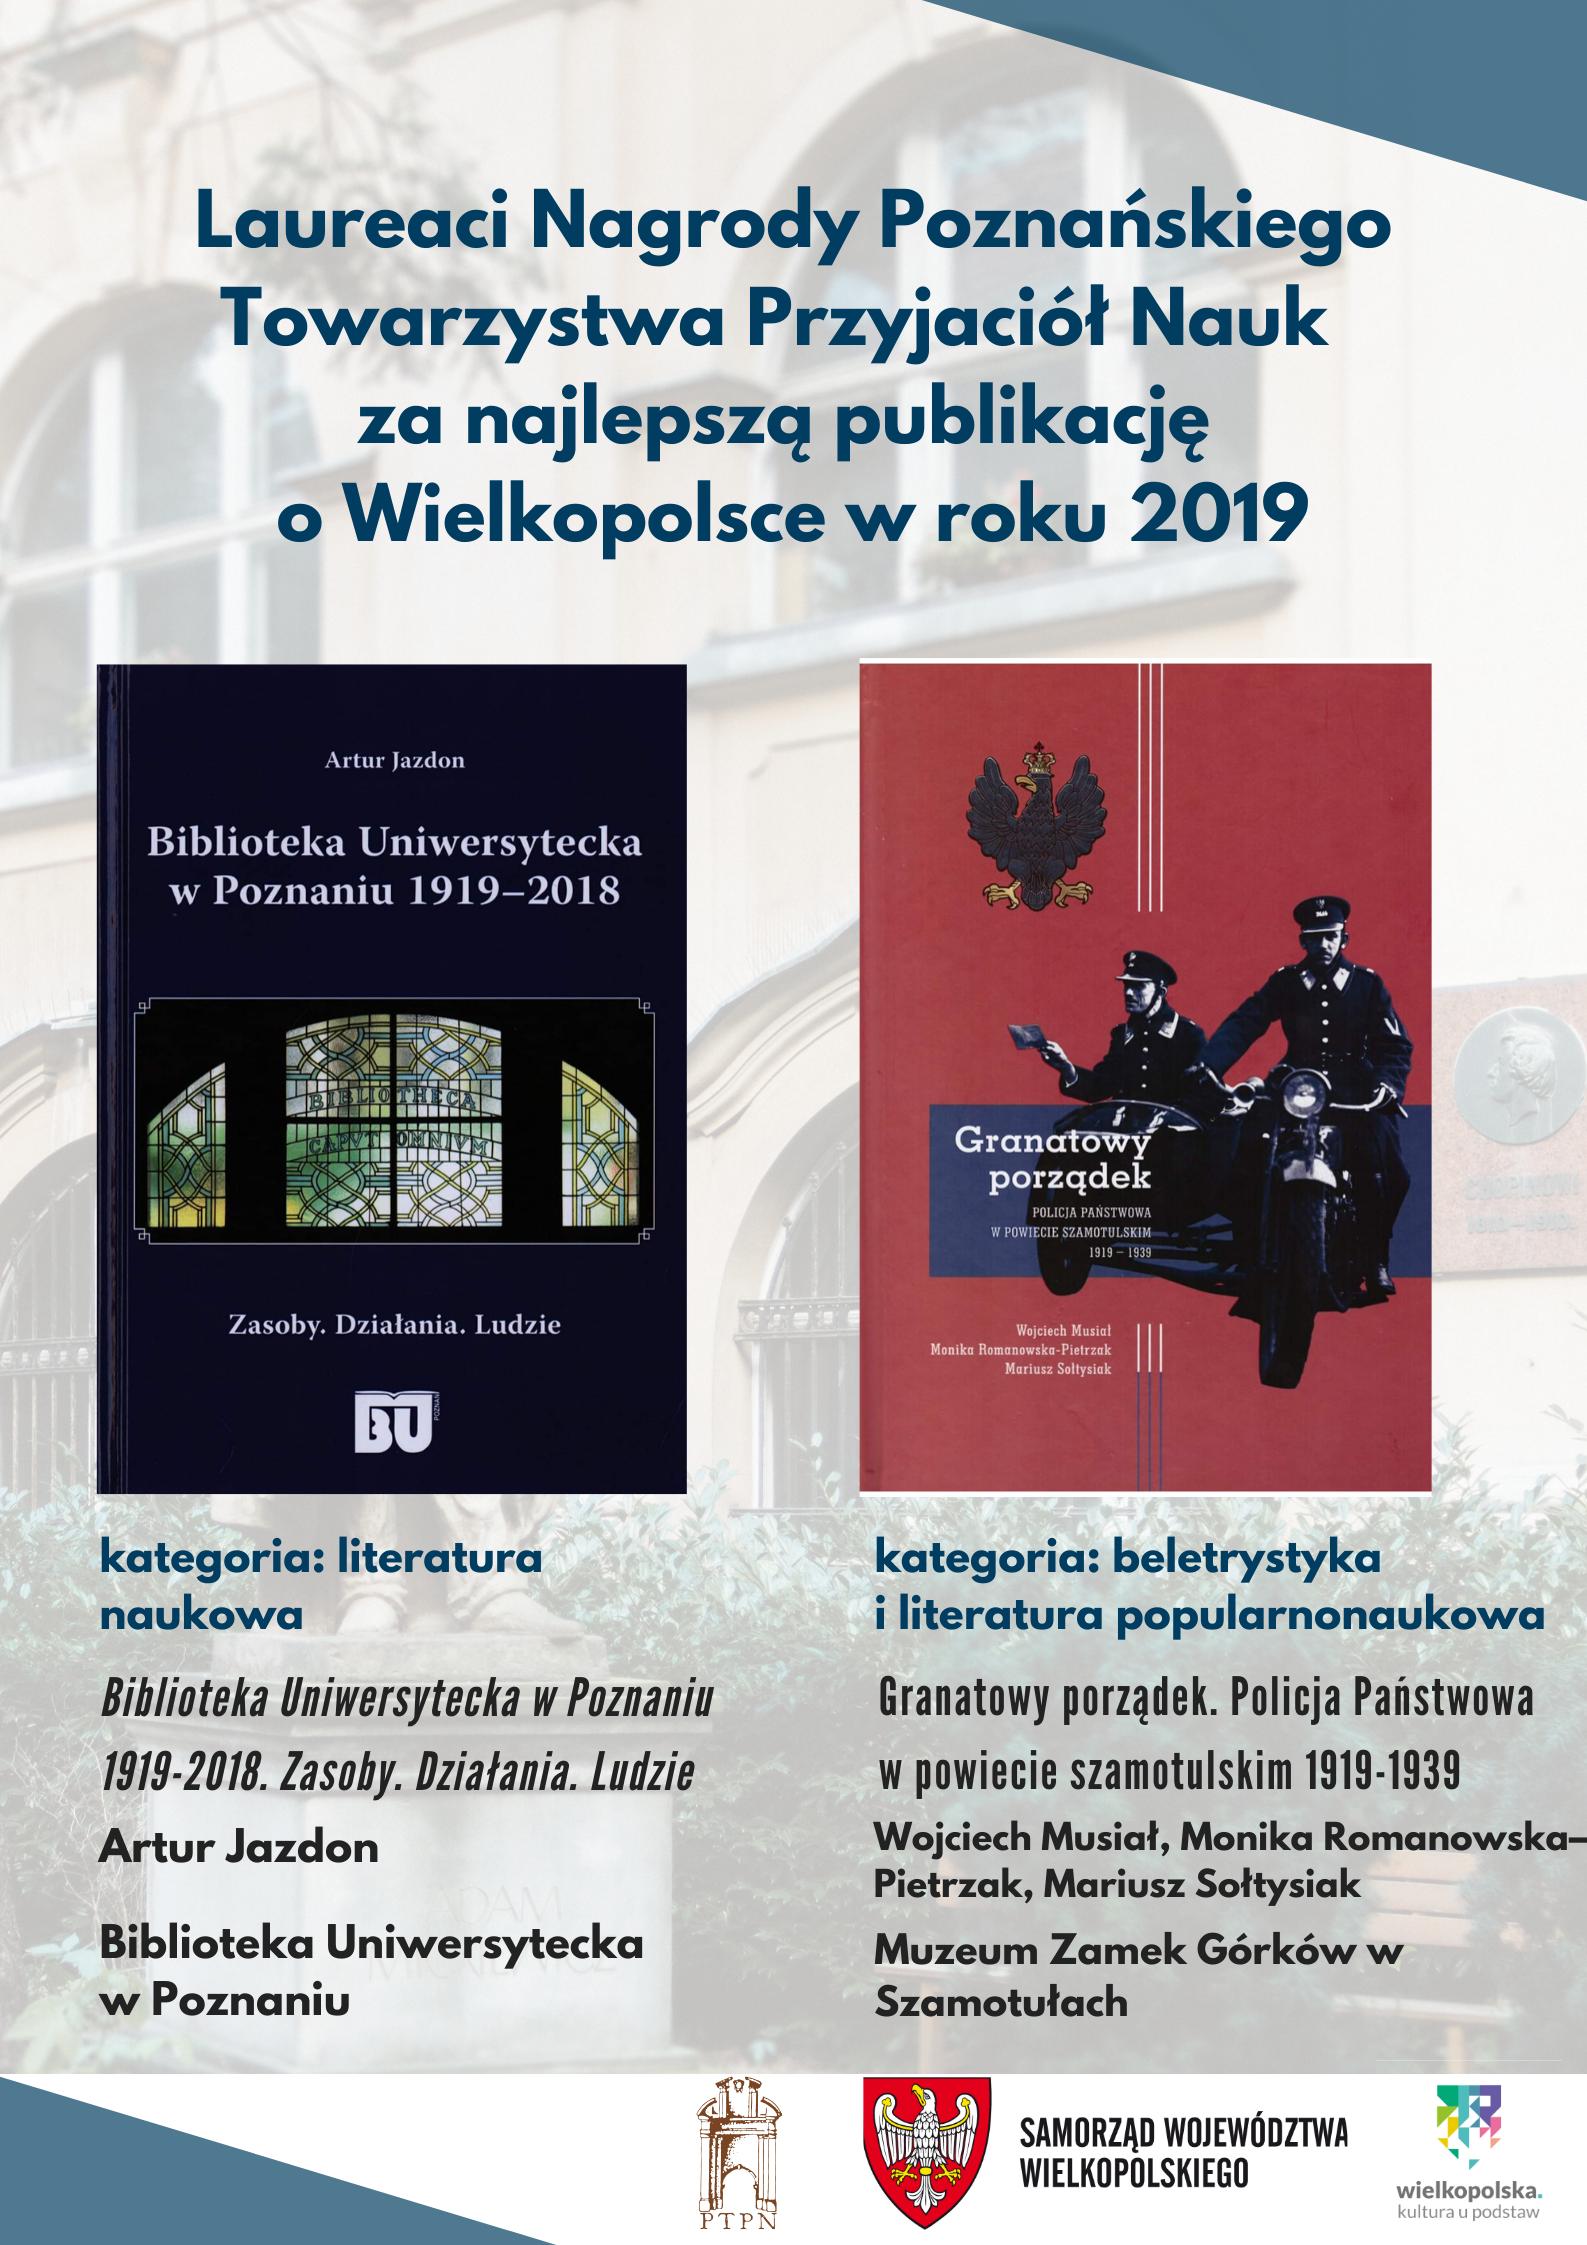 Wręczenie Nagrody PTPN za najlepszą publikację o Wielkopolsce w 2019